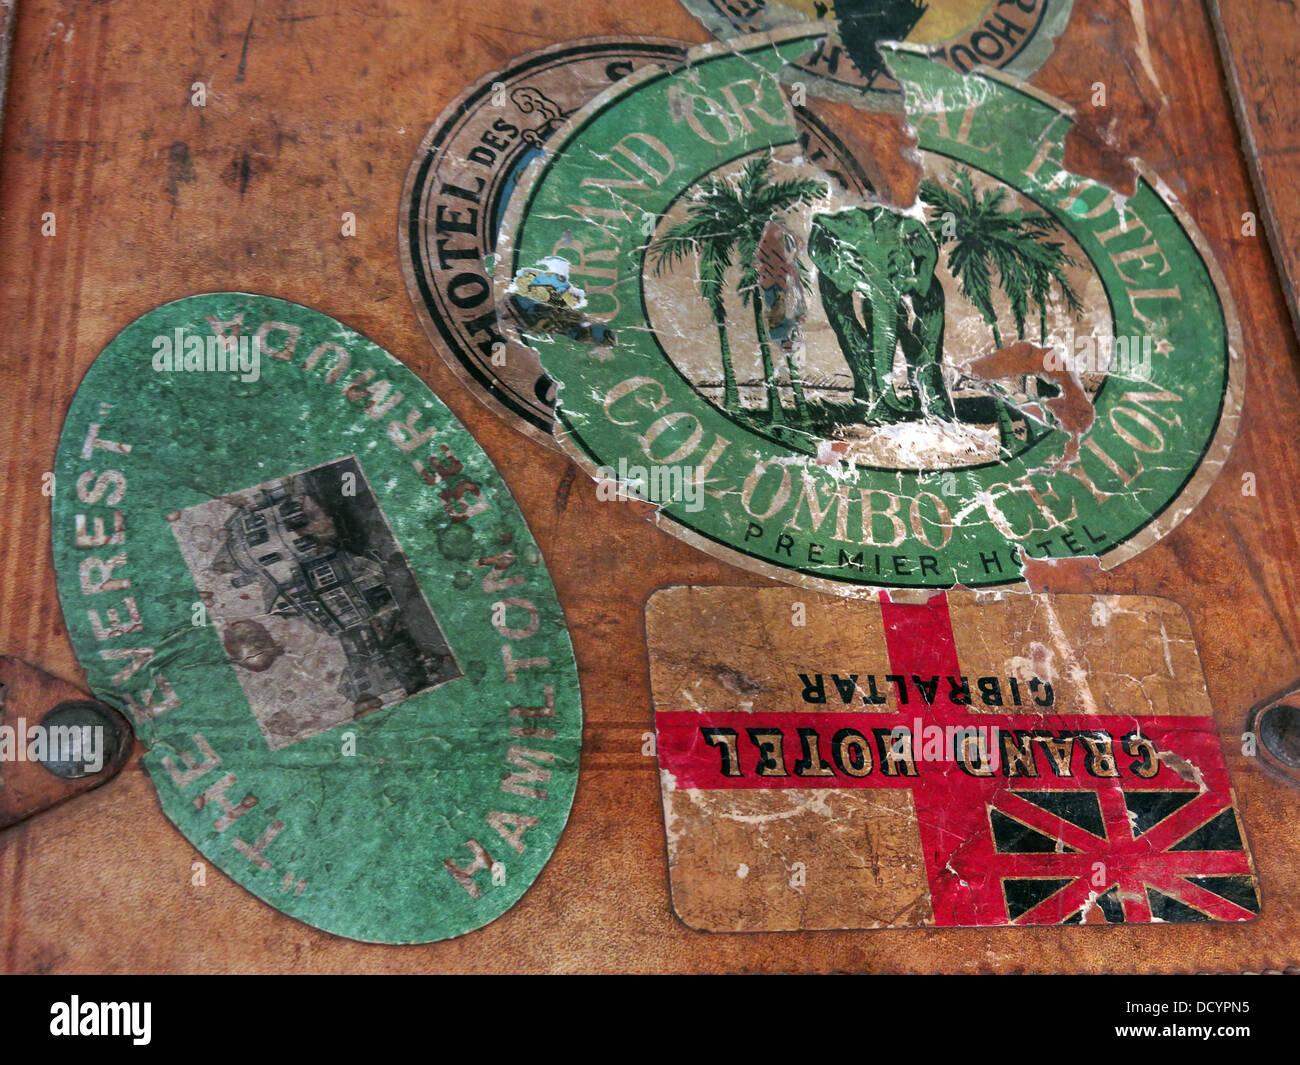 Dieses Stockfoto: Grand Oriental Hotel, Columbo, Ceylon, Gepäck und alten Kofferanhänger, Koffer Boxen - DCYPN5